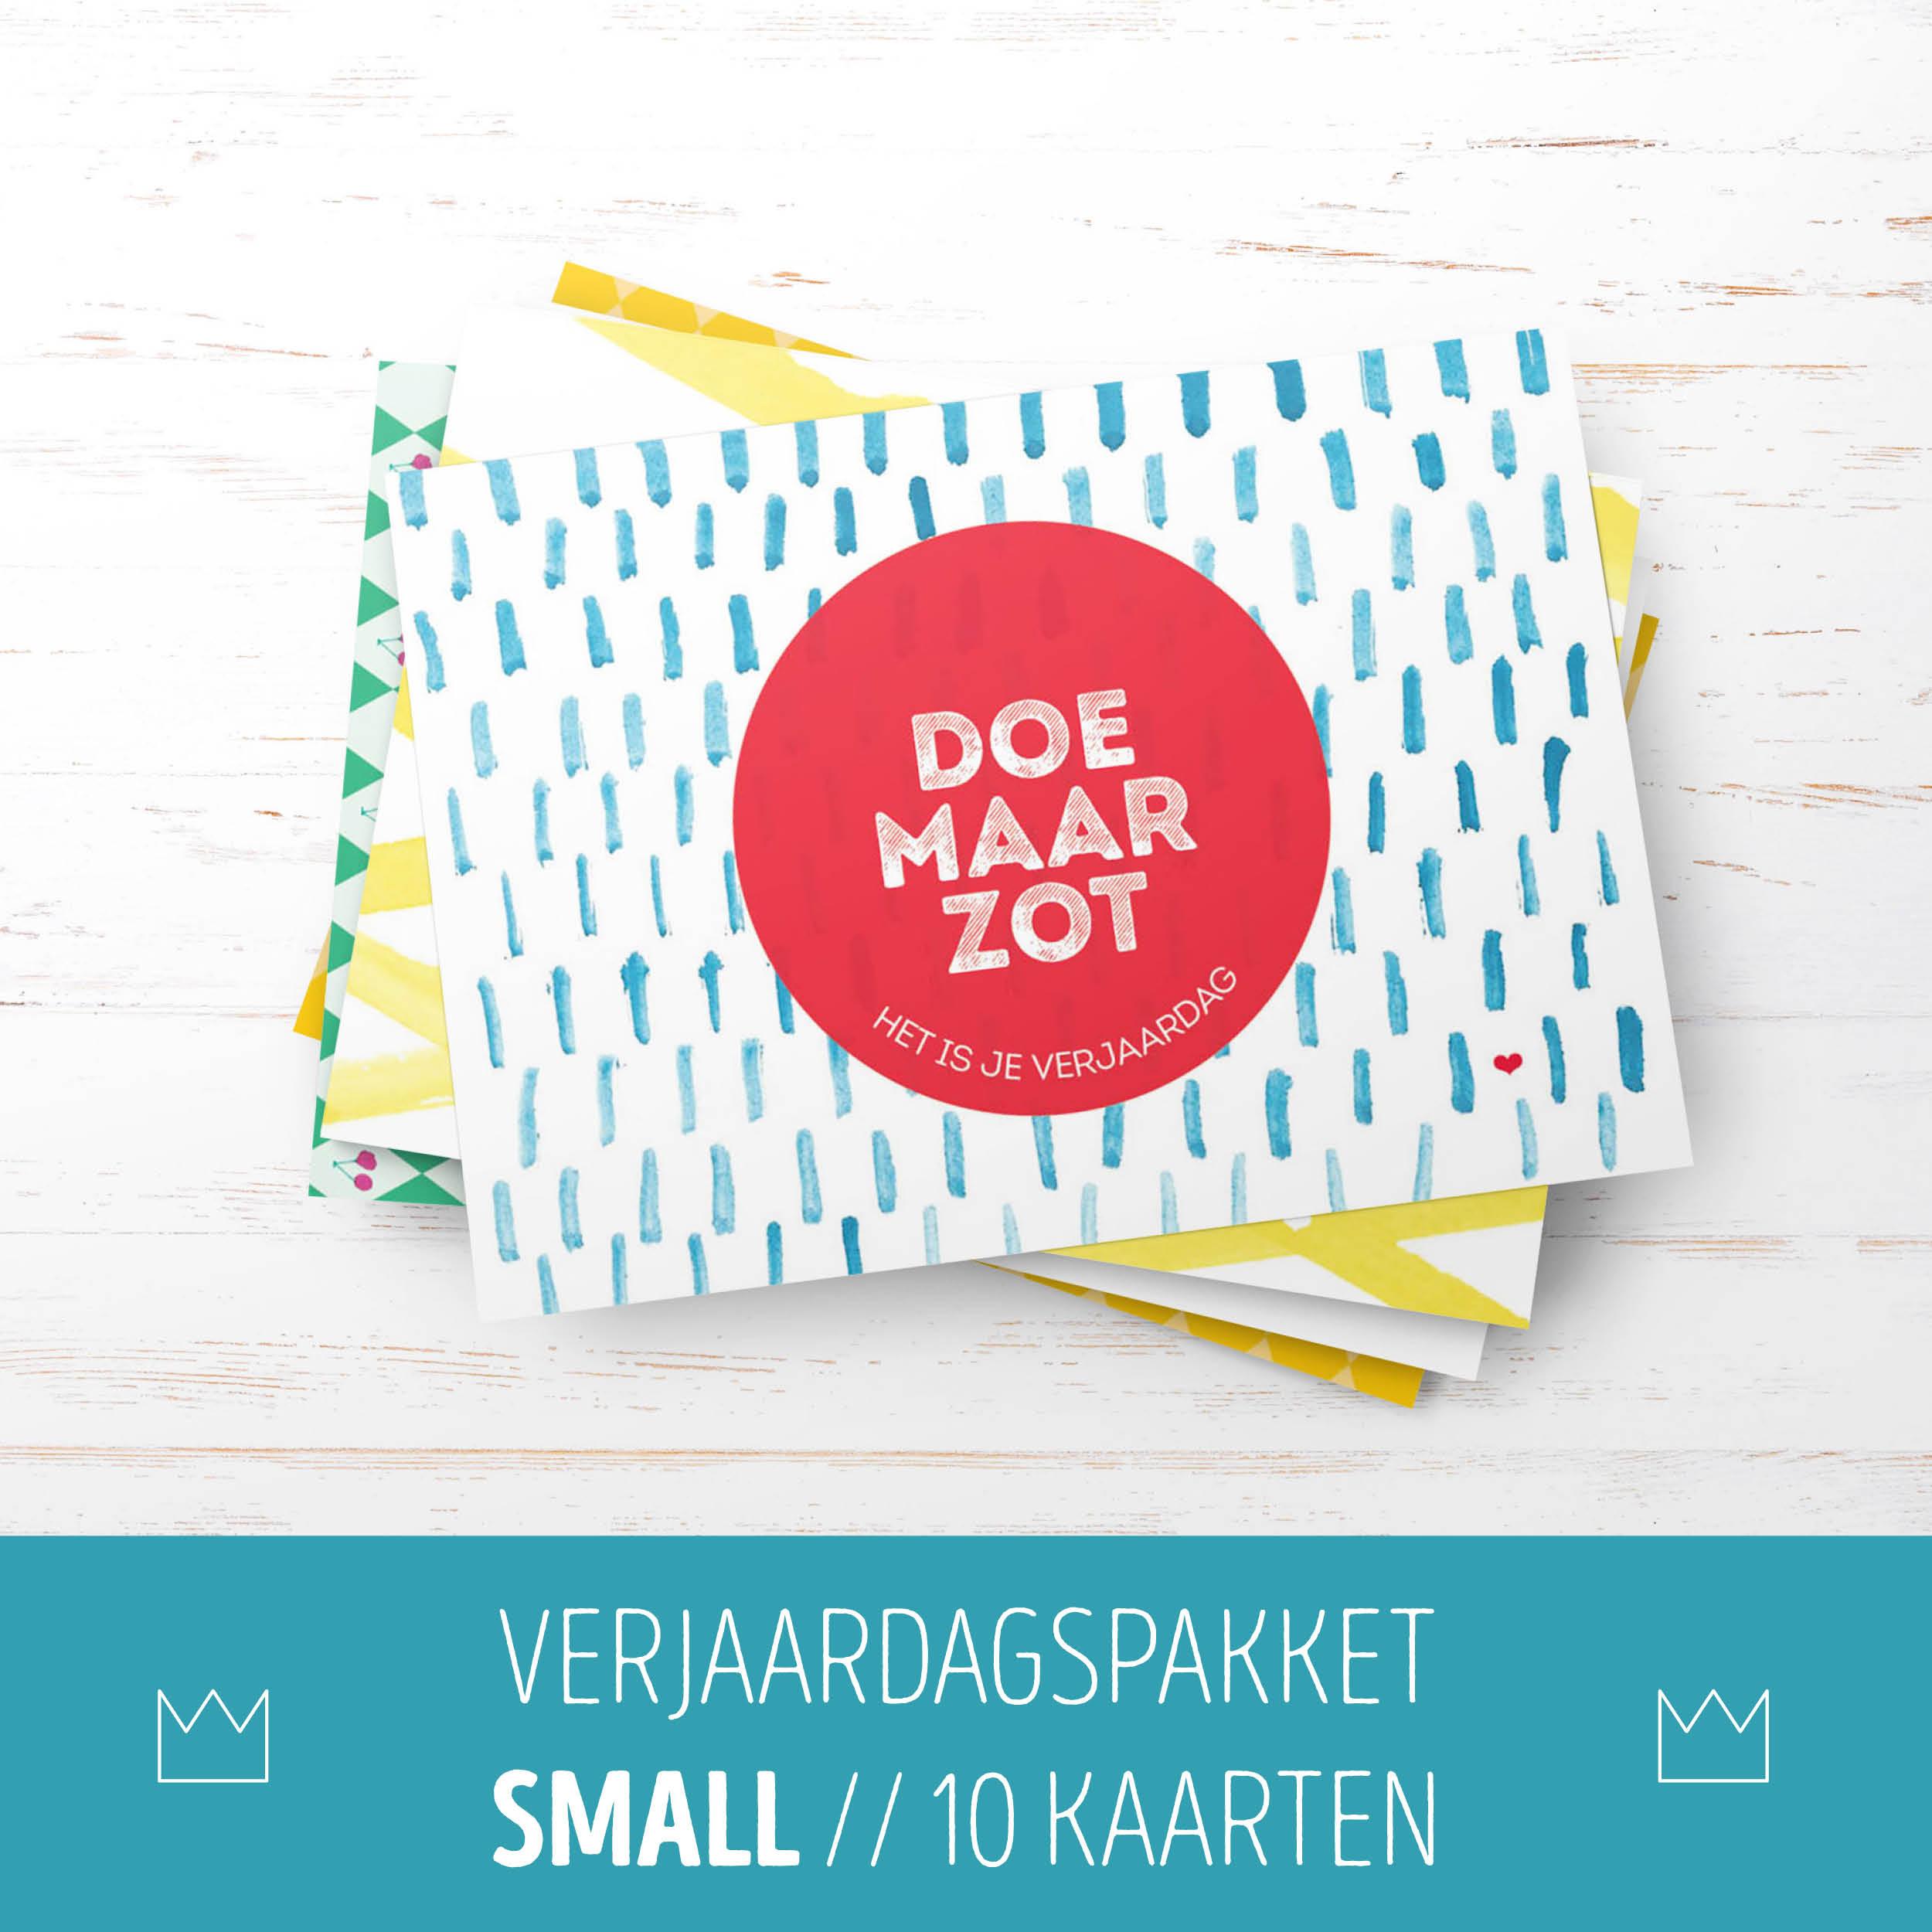 Verjaardagspakket Small // 10 kaarten